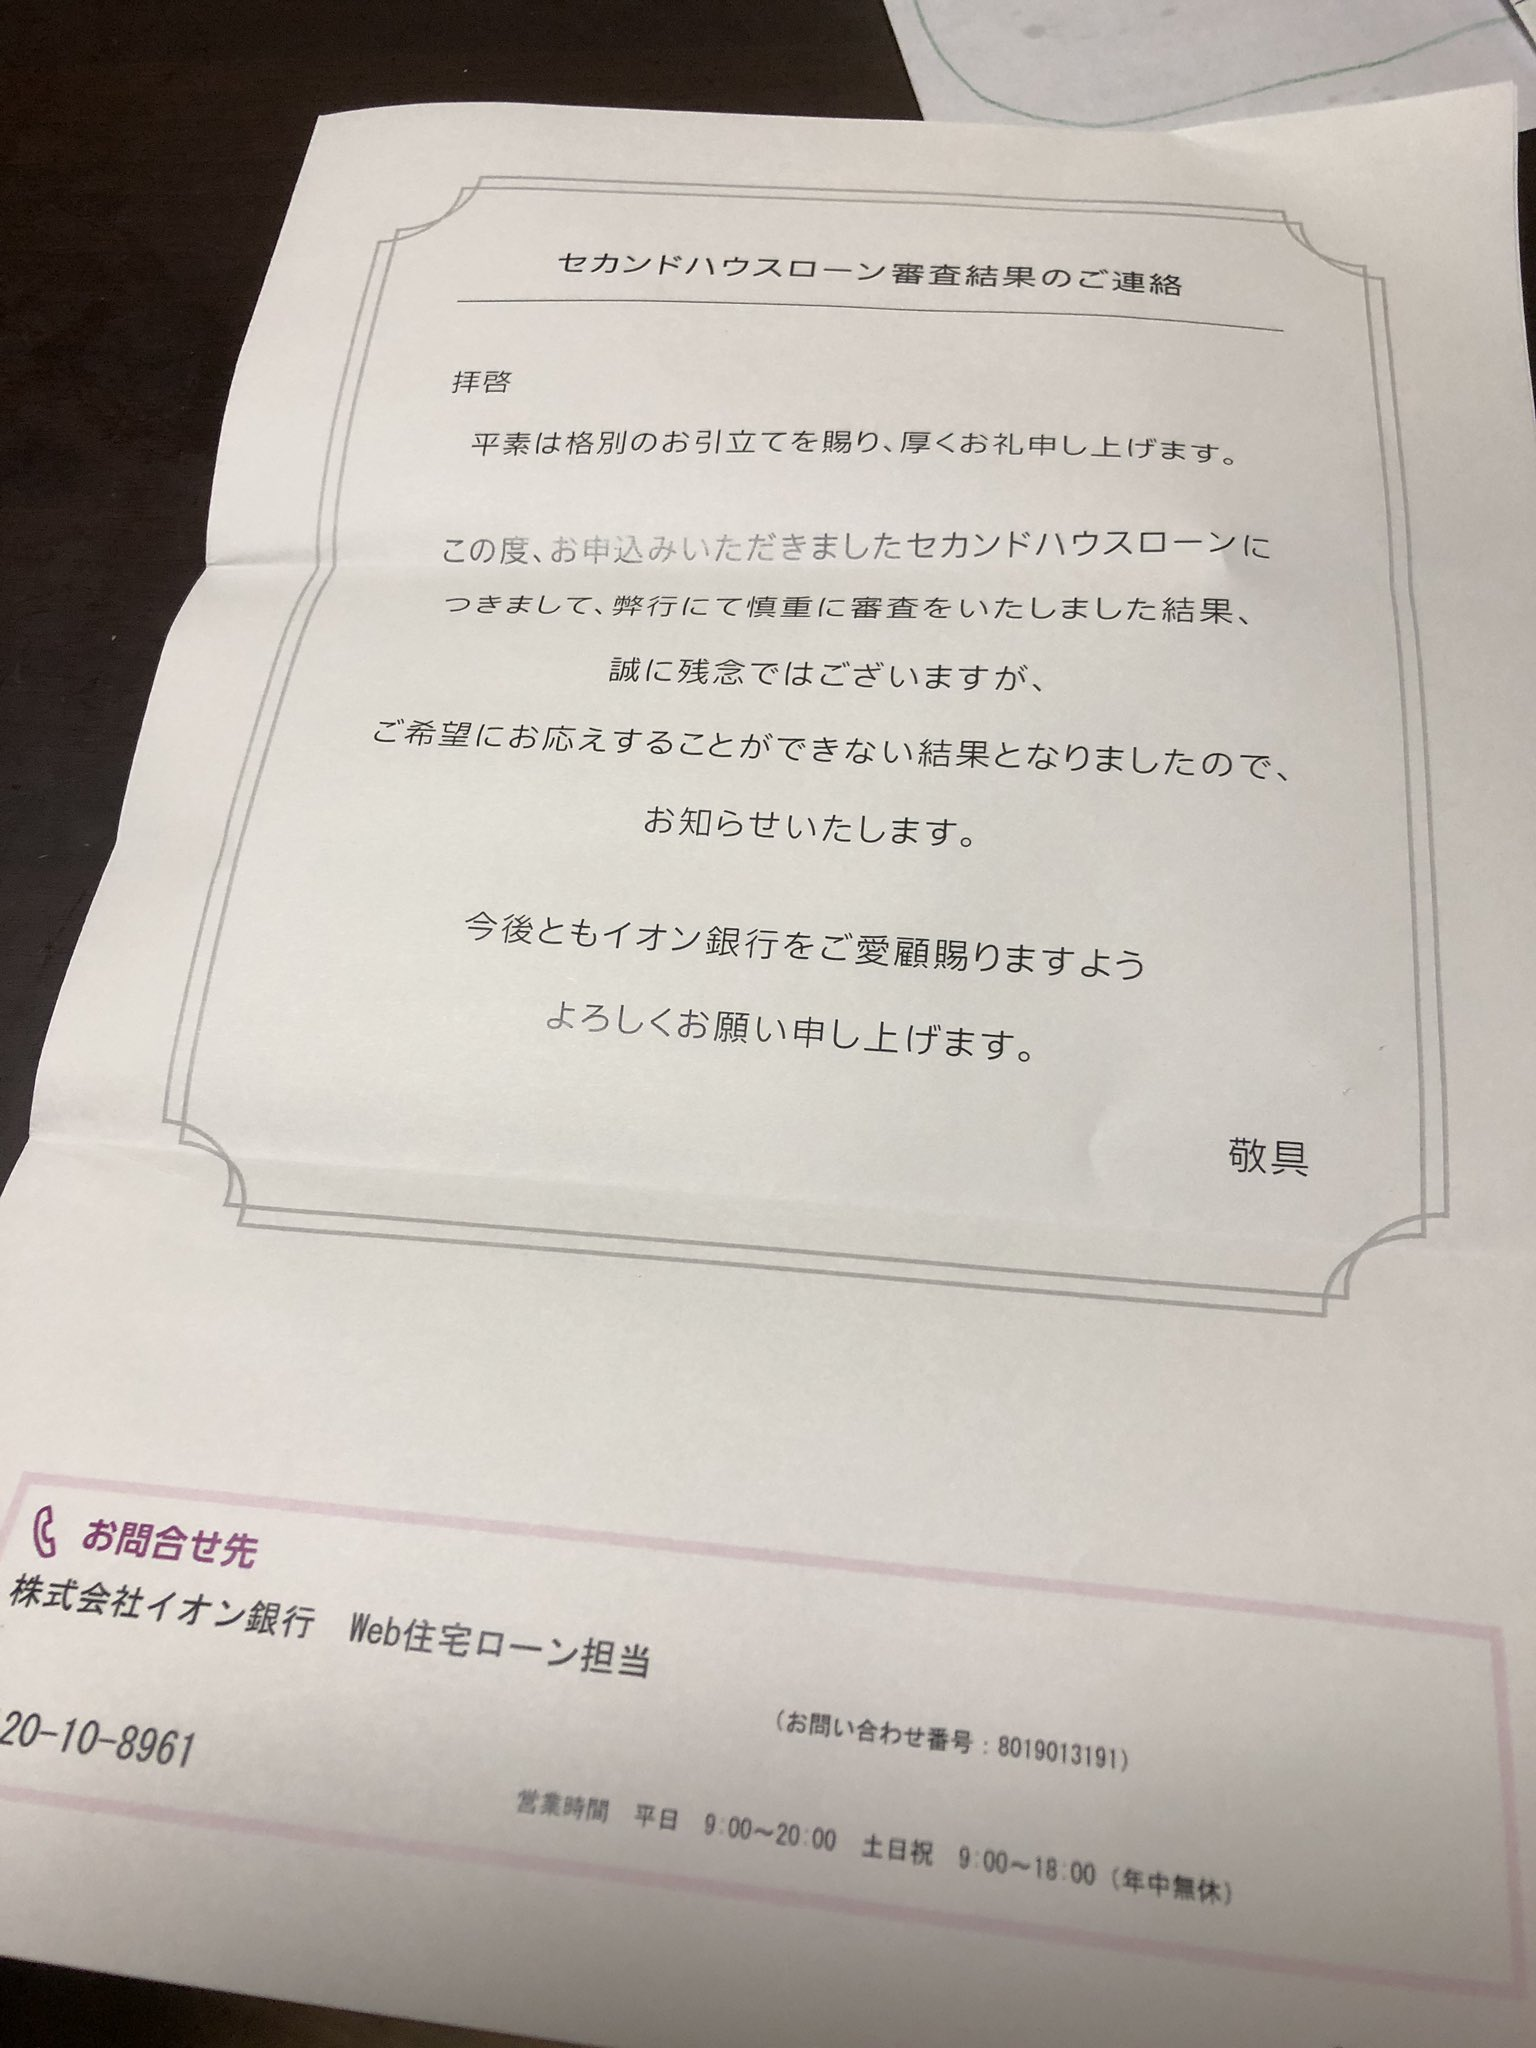 審査 イオン銀行カードローン